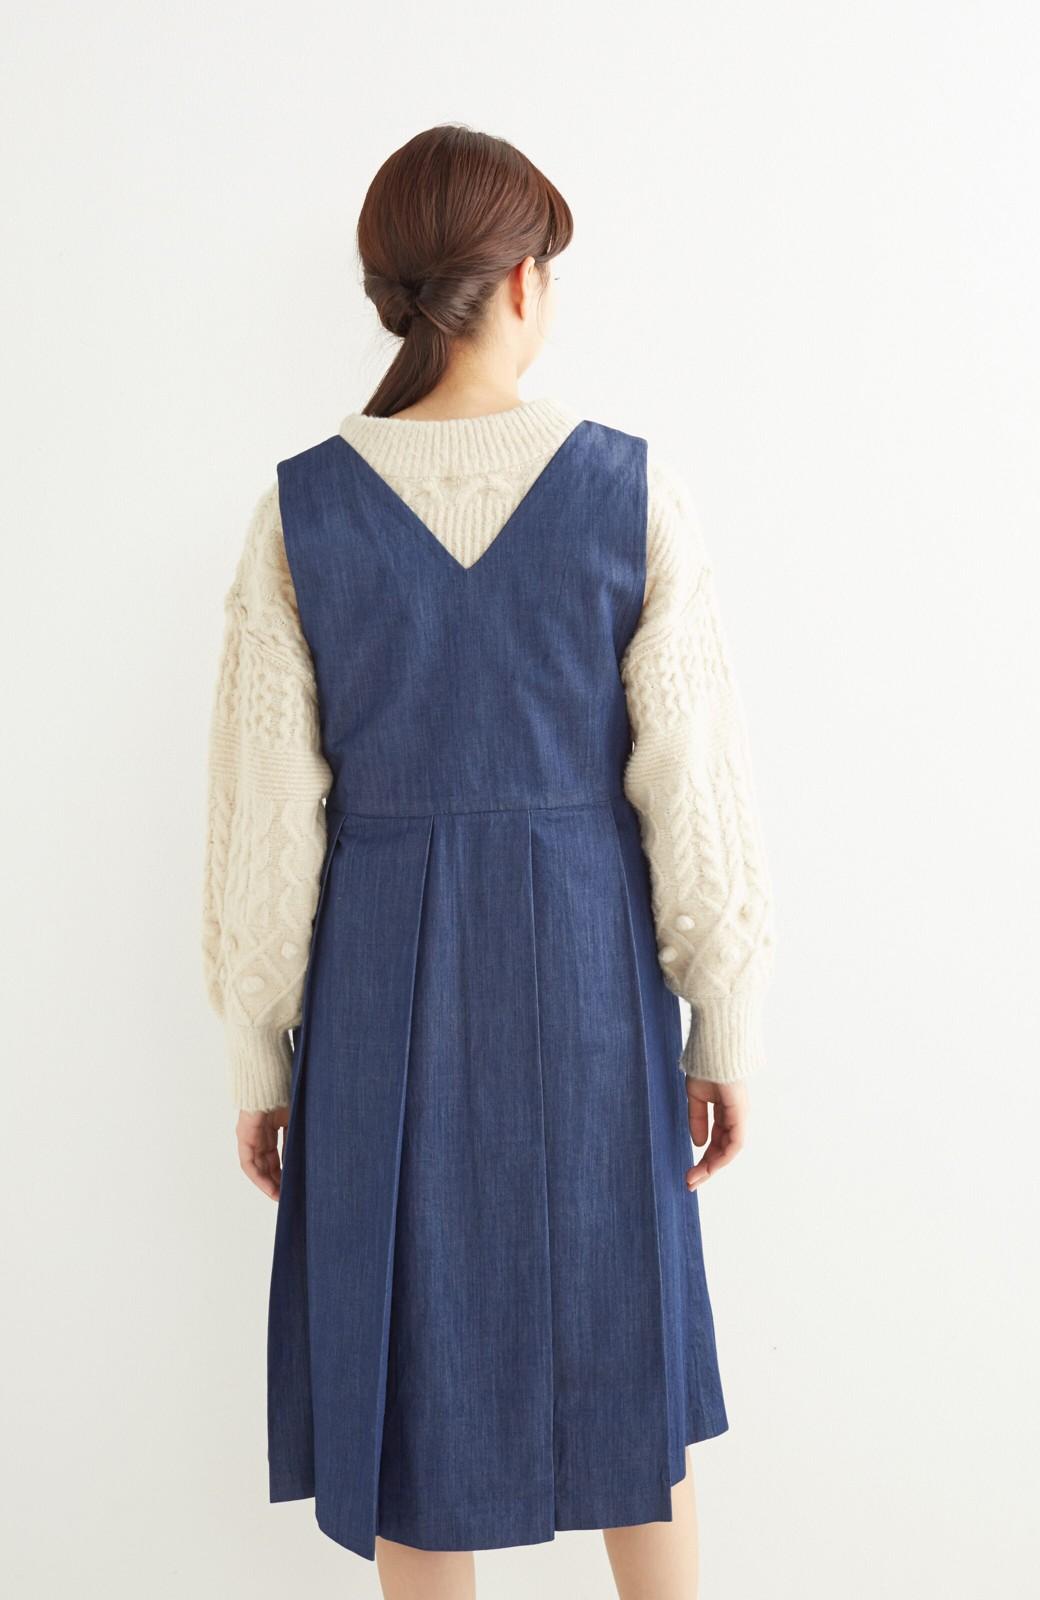 nusy やわらか麻混デニム素材のビッグプリーツジャンパースカート <インディゴブルー>の商品写真12